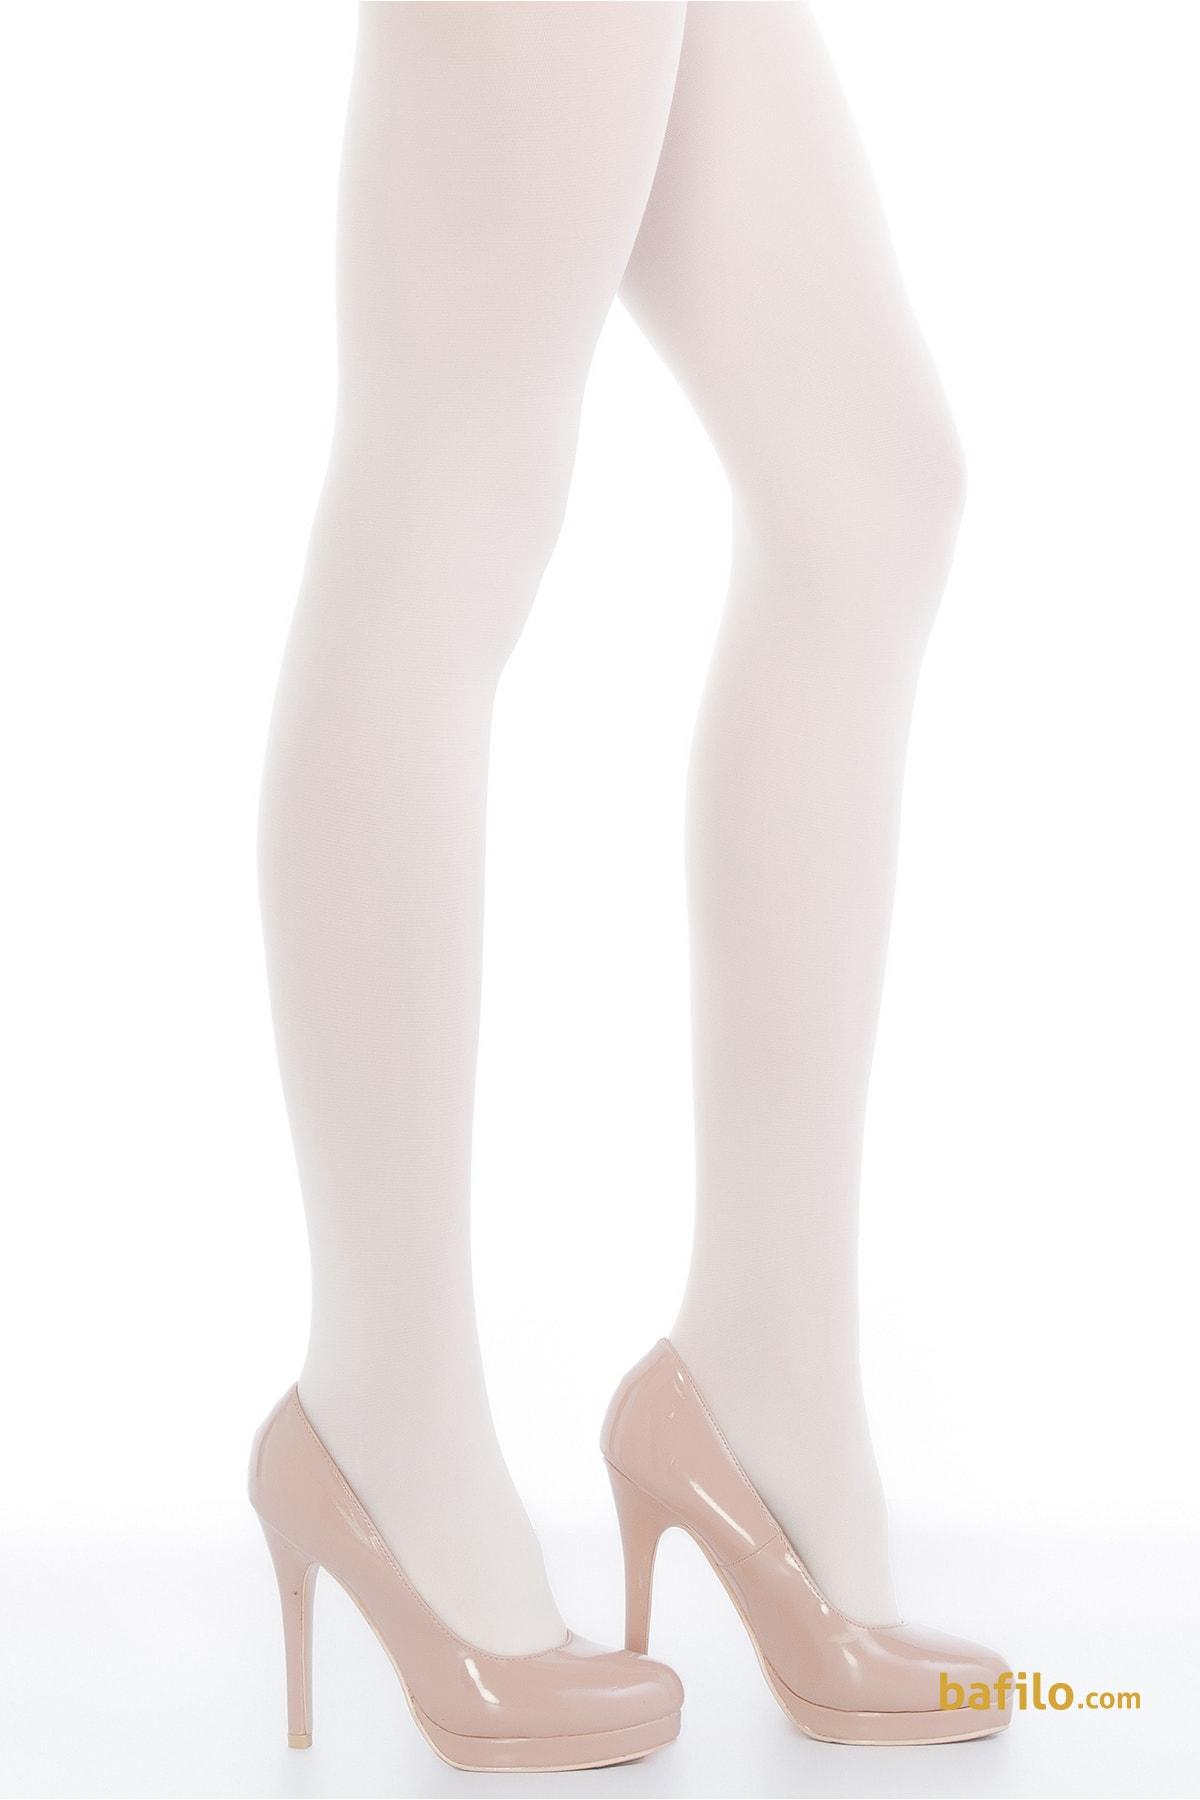 پنتی | Penti - جوراب شلواری براق زنانه پنتی Wet Look 120 - سفید